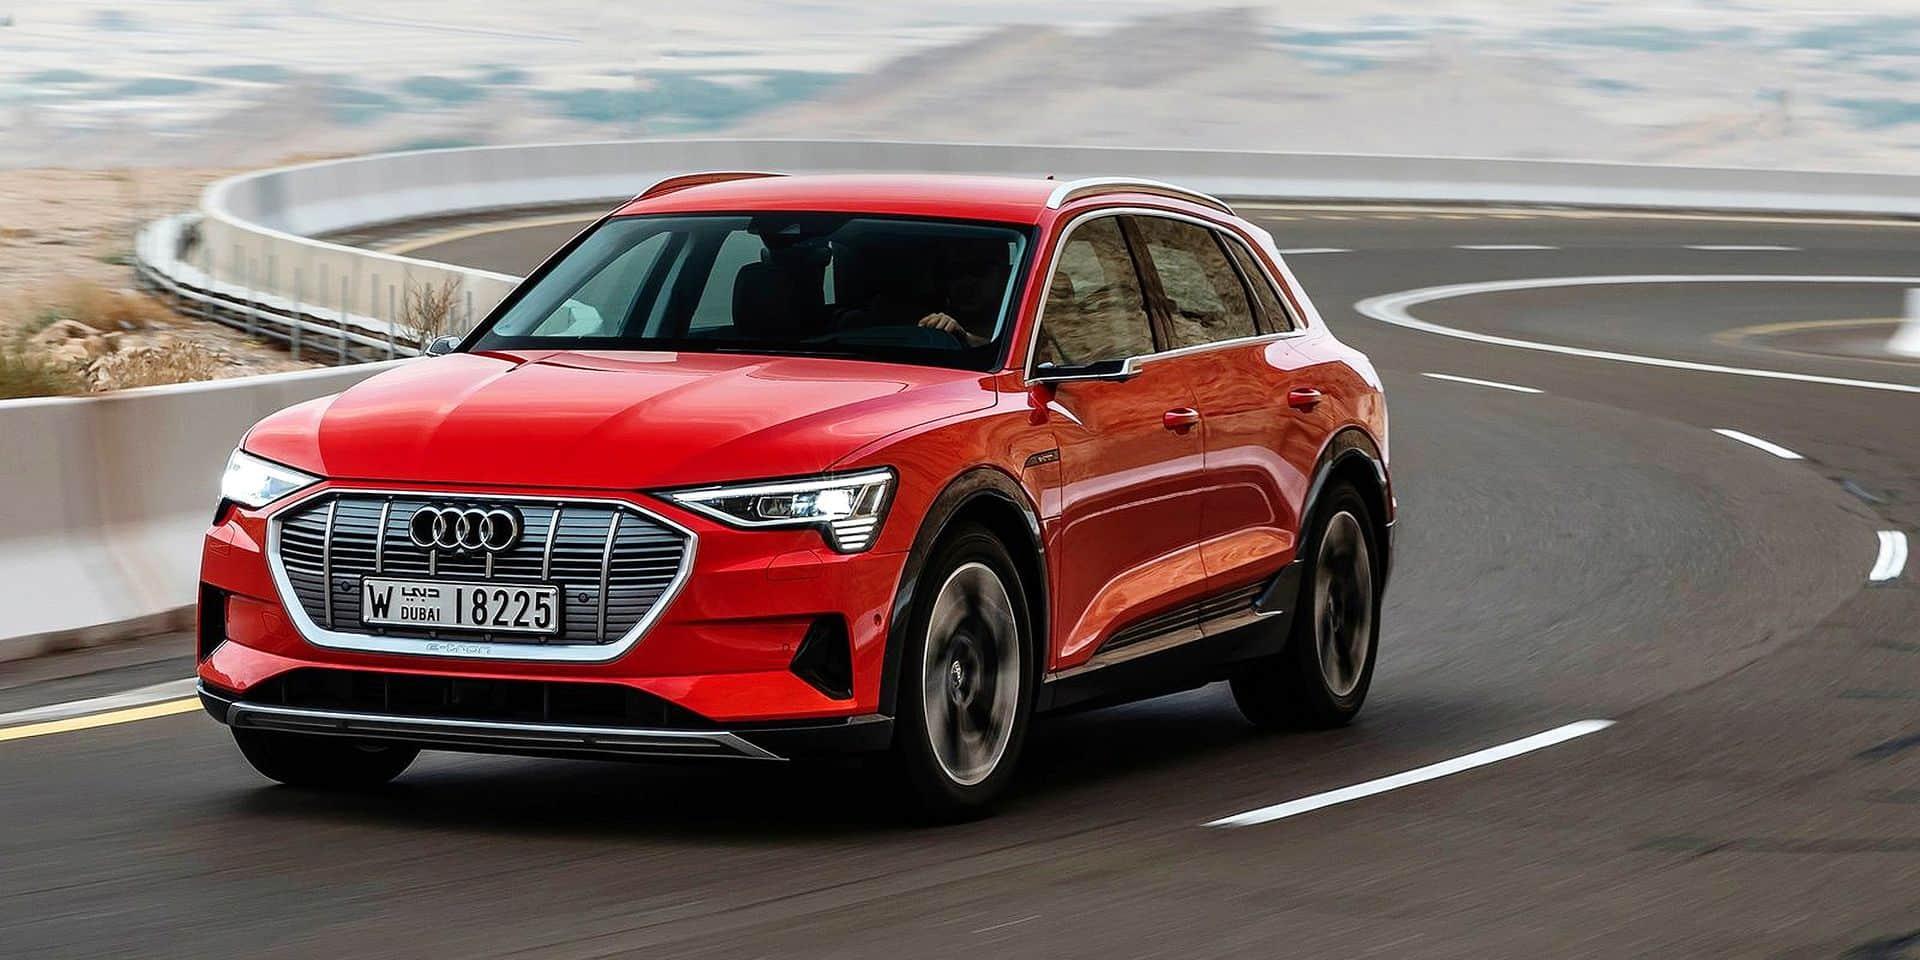 Essai Auto : l'e-Tron ? C'est d'abord une Audi